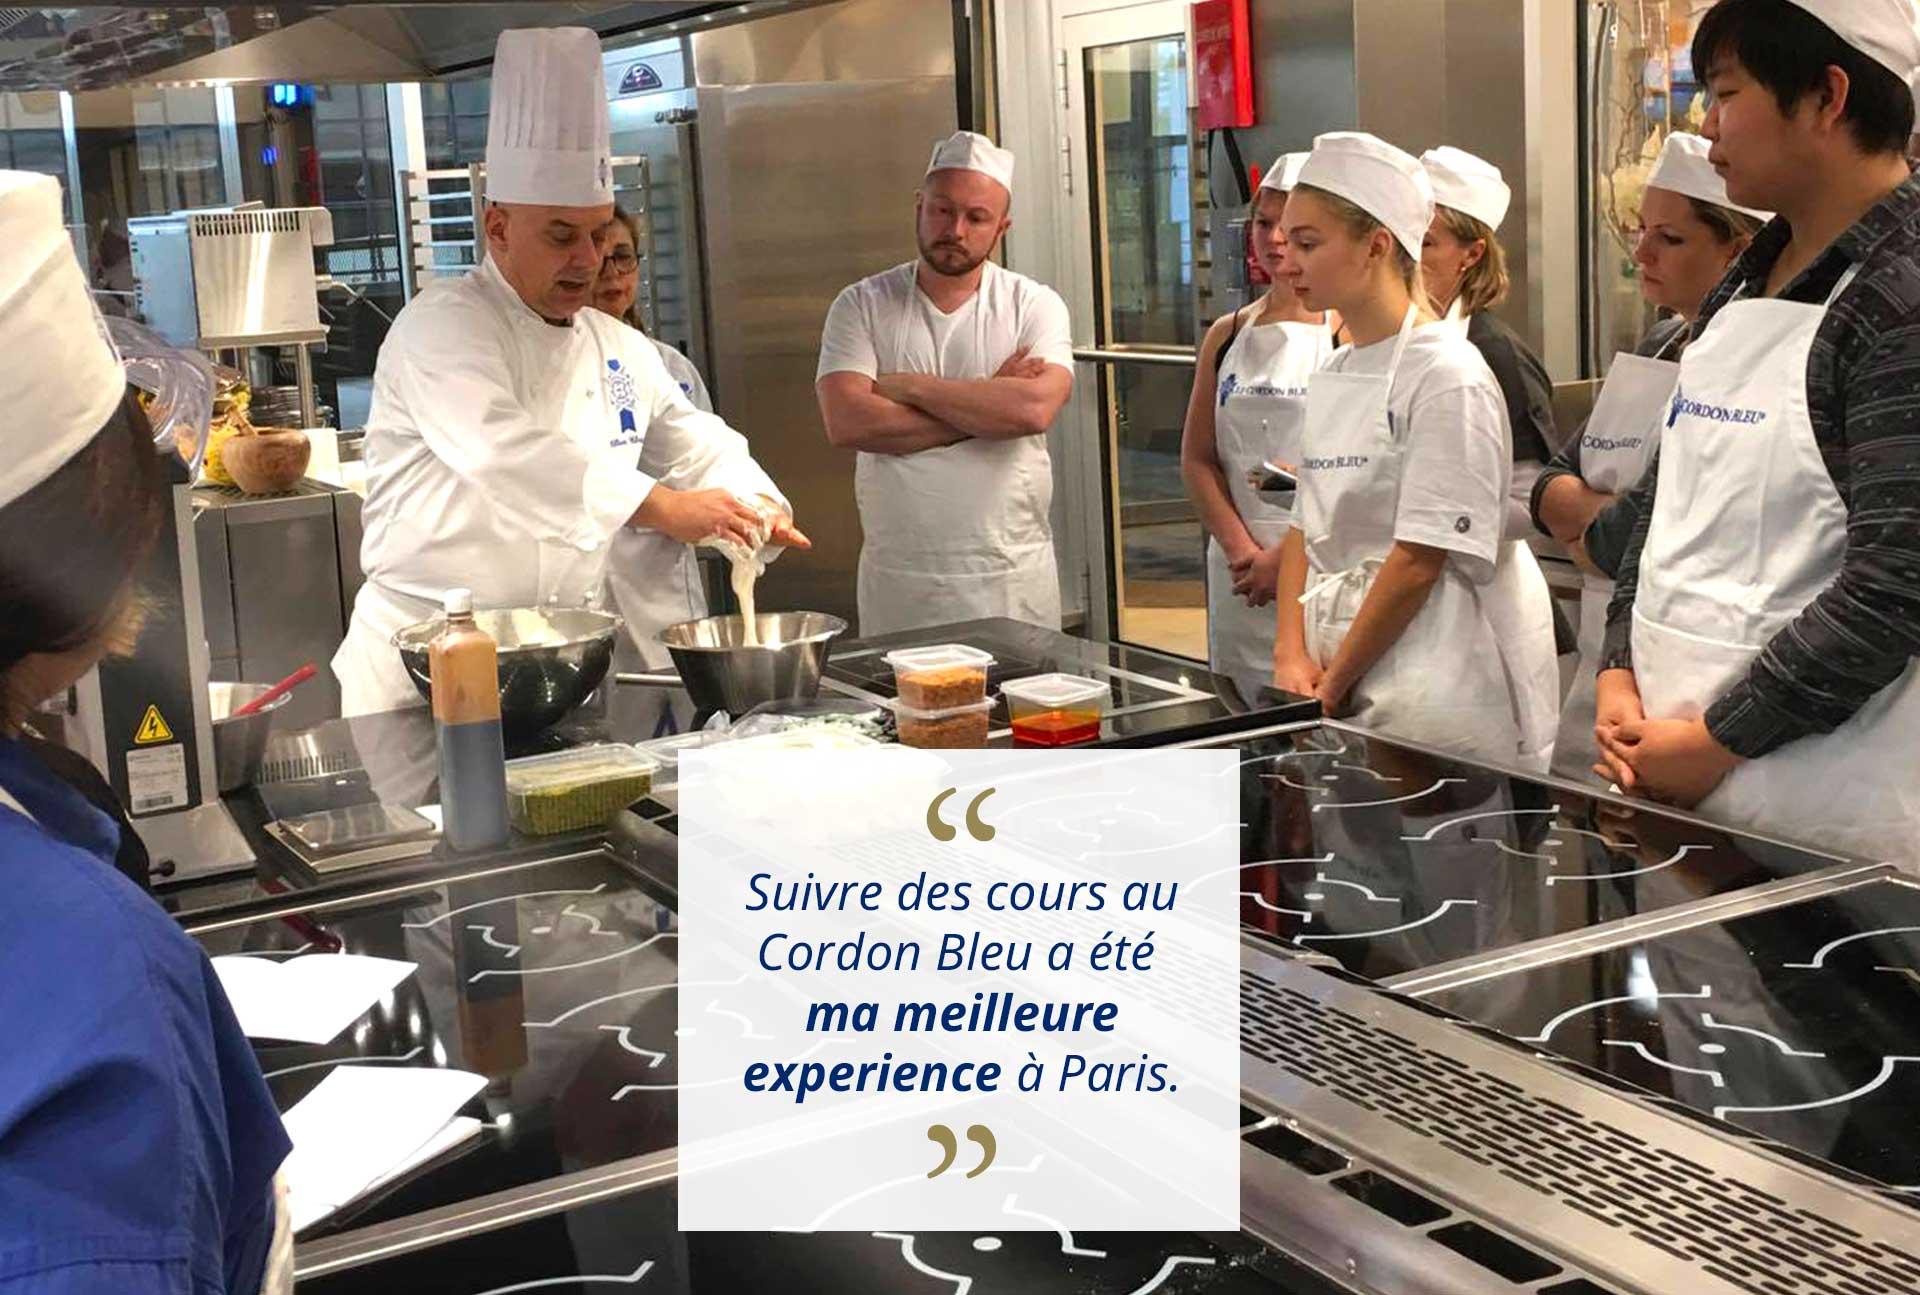 Avis ateliers cours de p tisserie le cordon bleu paris - Cours de cuisine cordon bleu ...